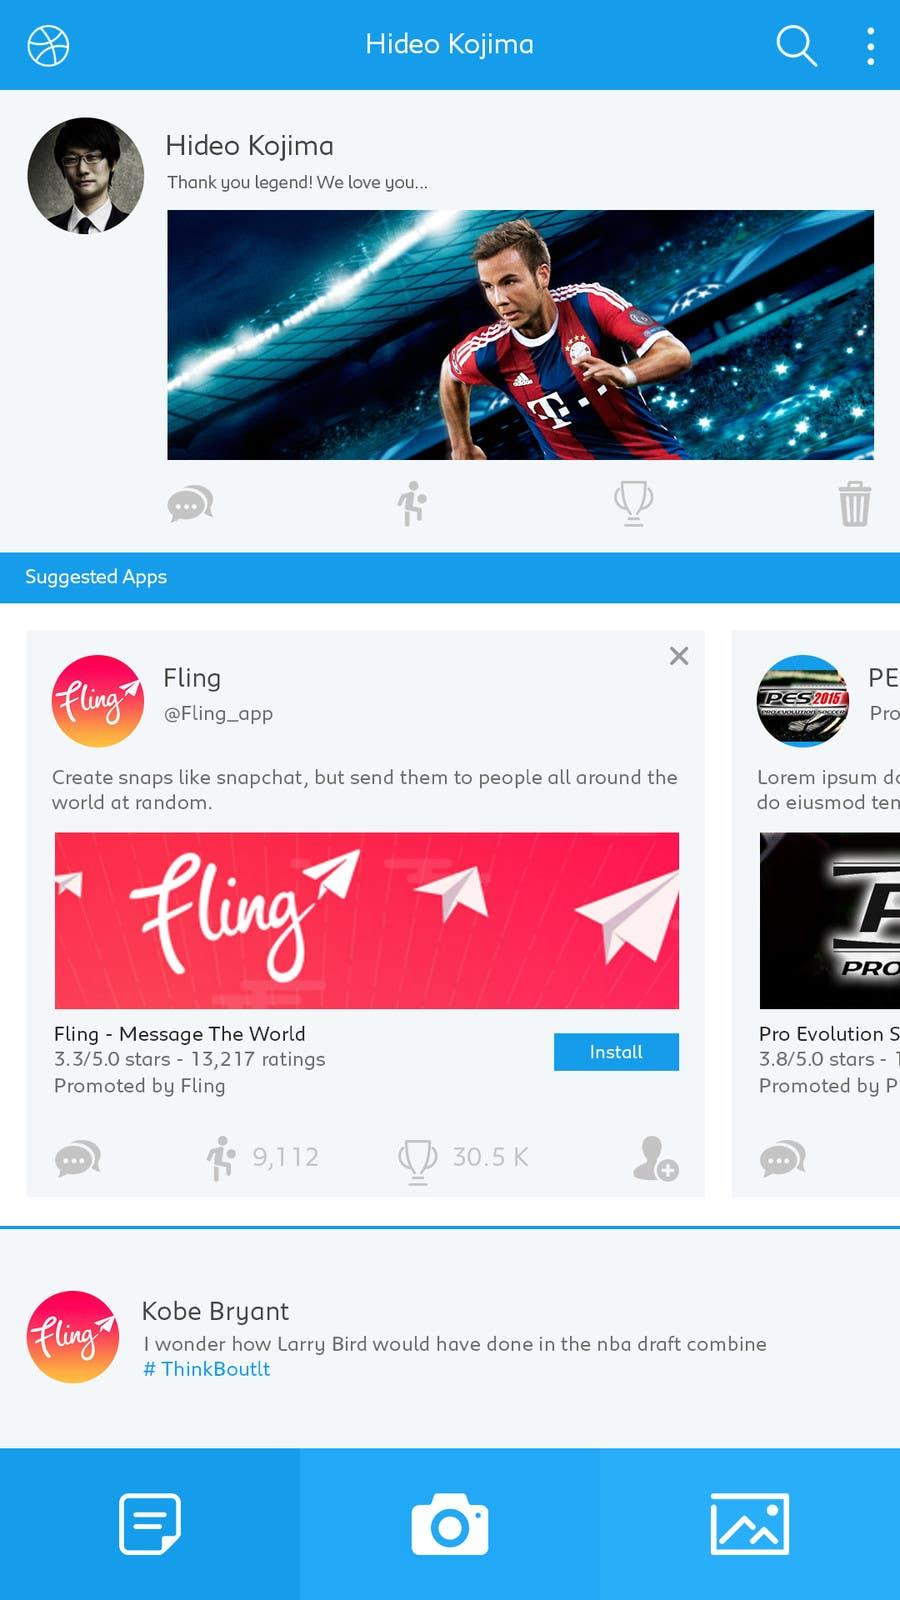 Konkurrenceindlæg #11 for Design an App Mockup for iSporty app